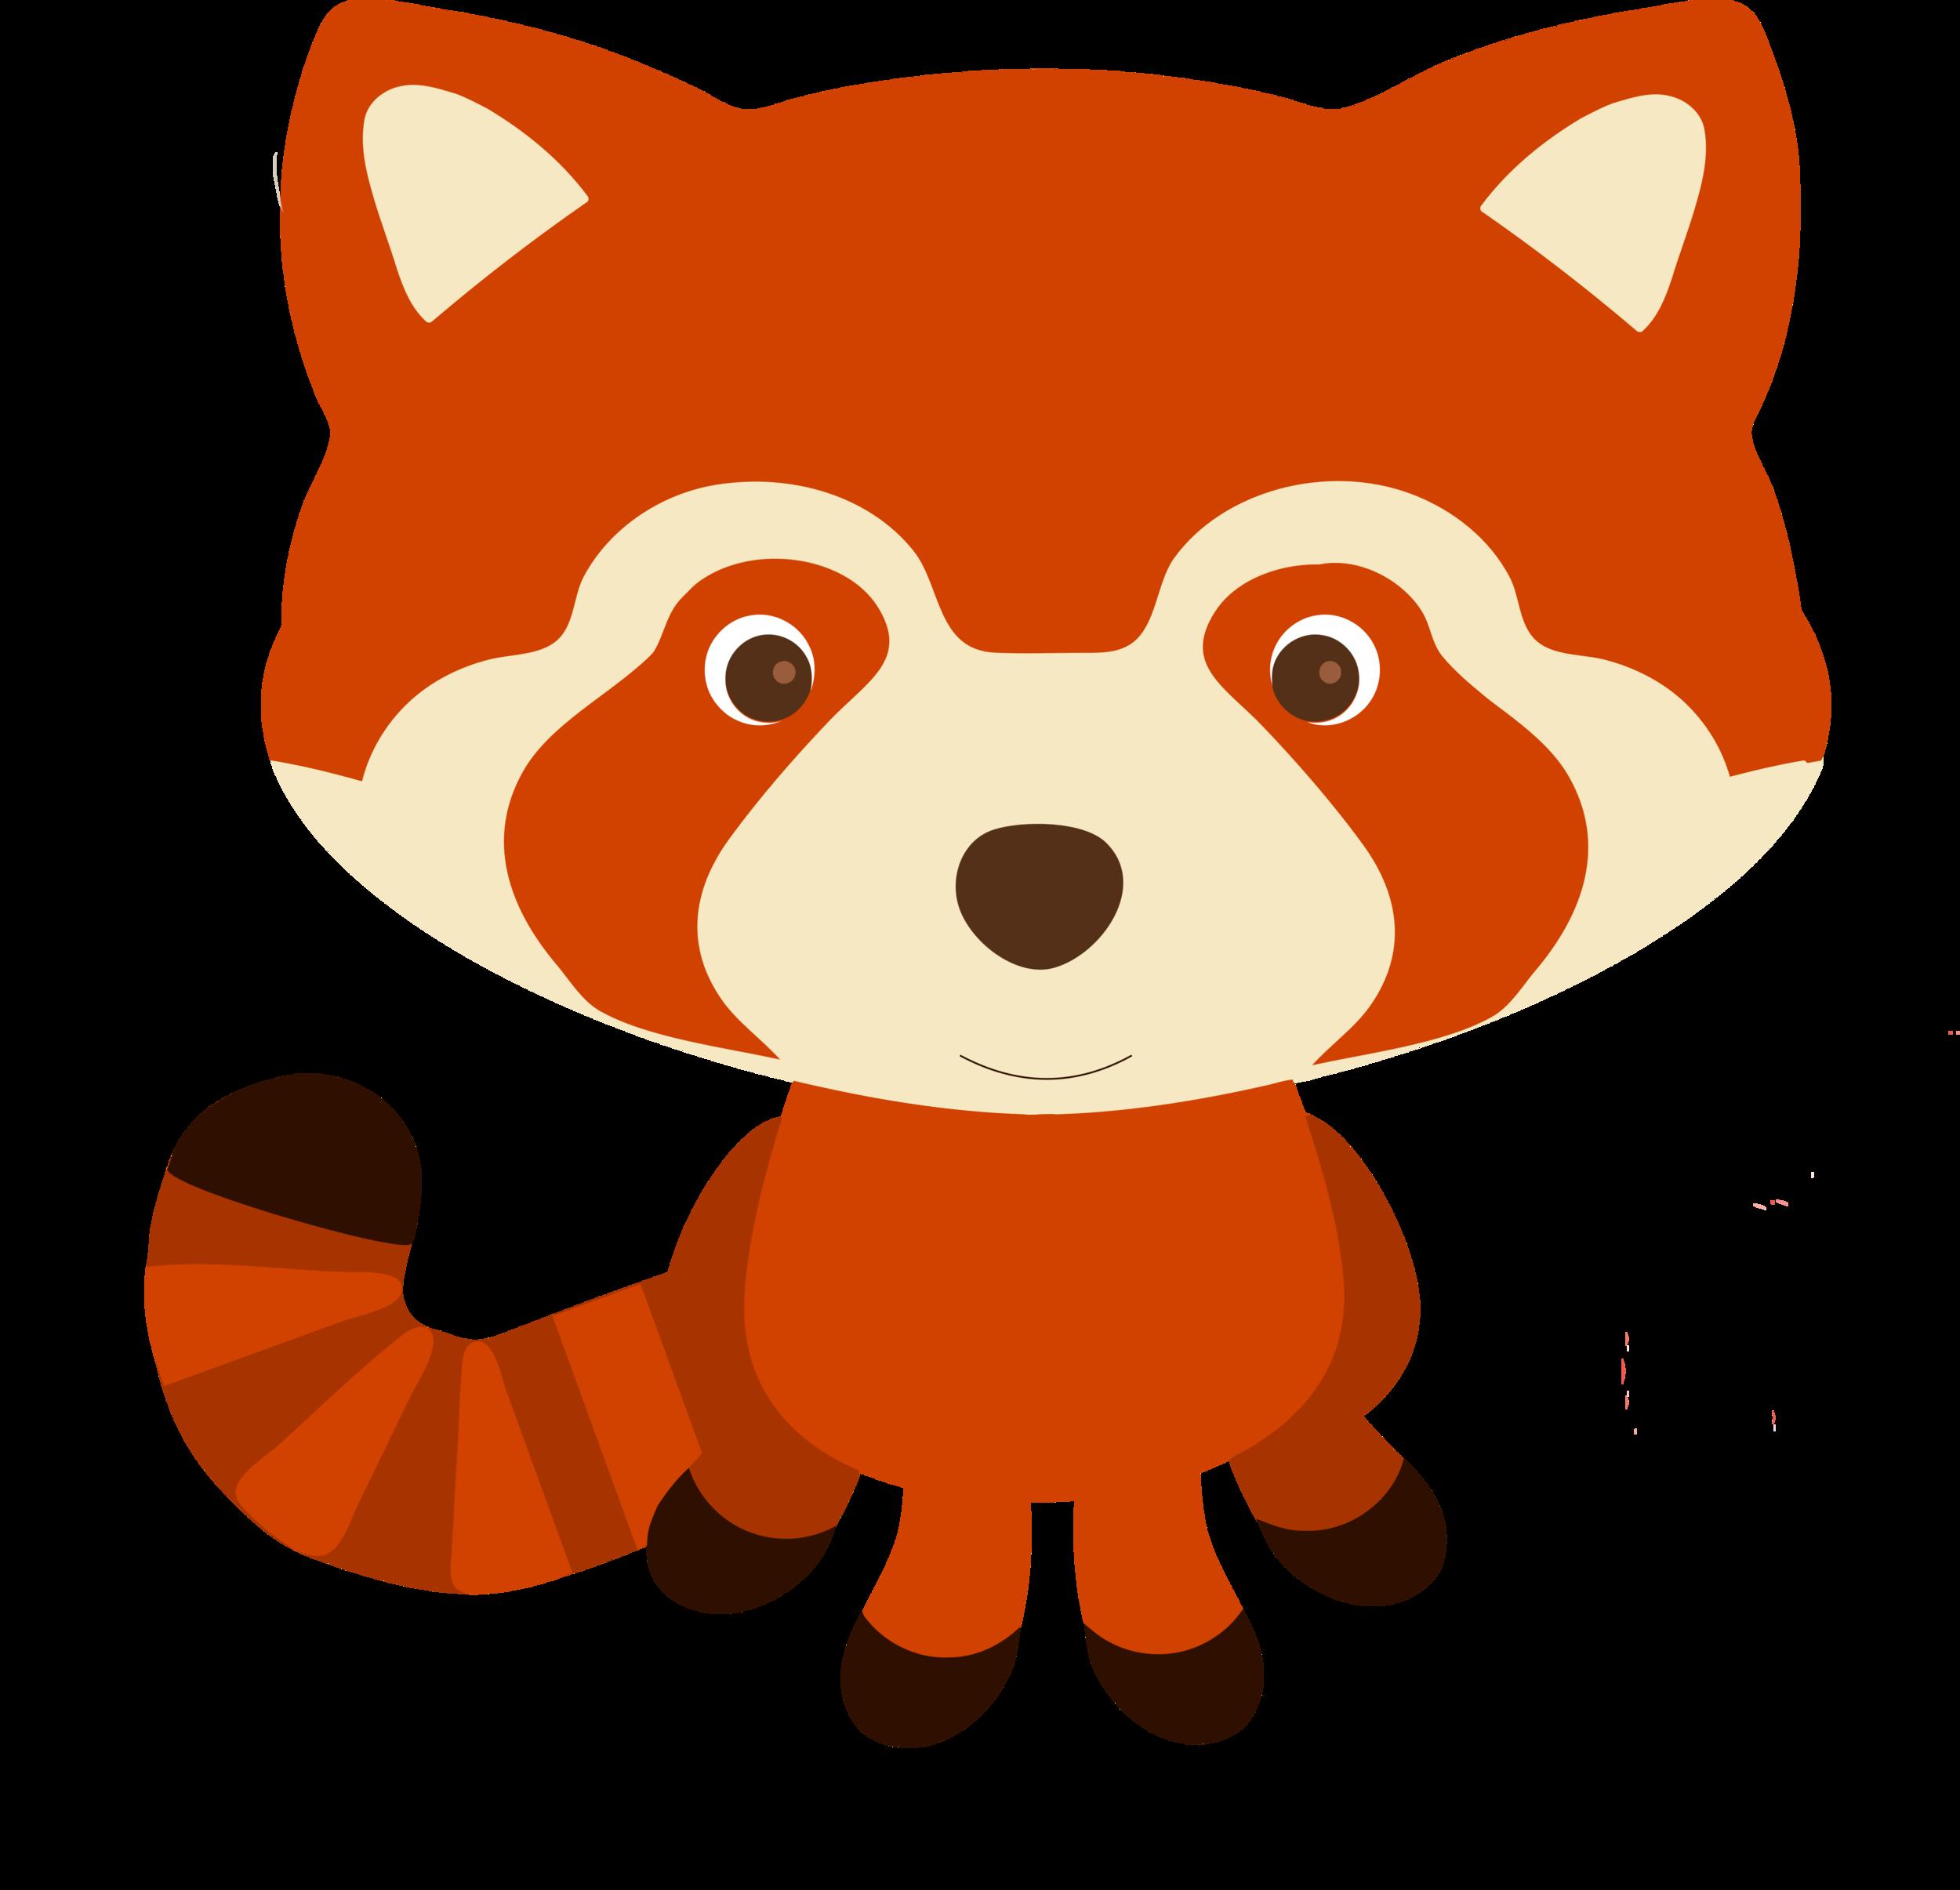 Mascot_v1.png